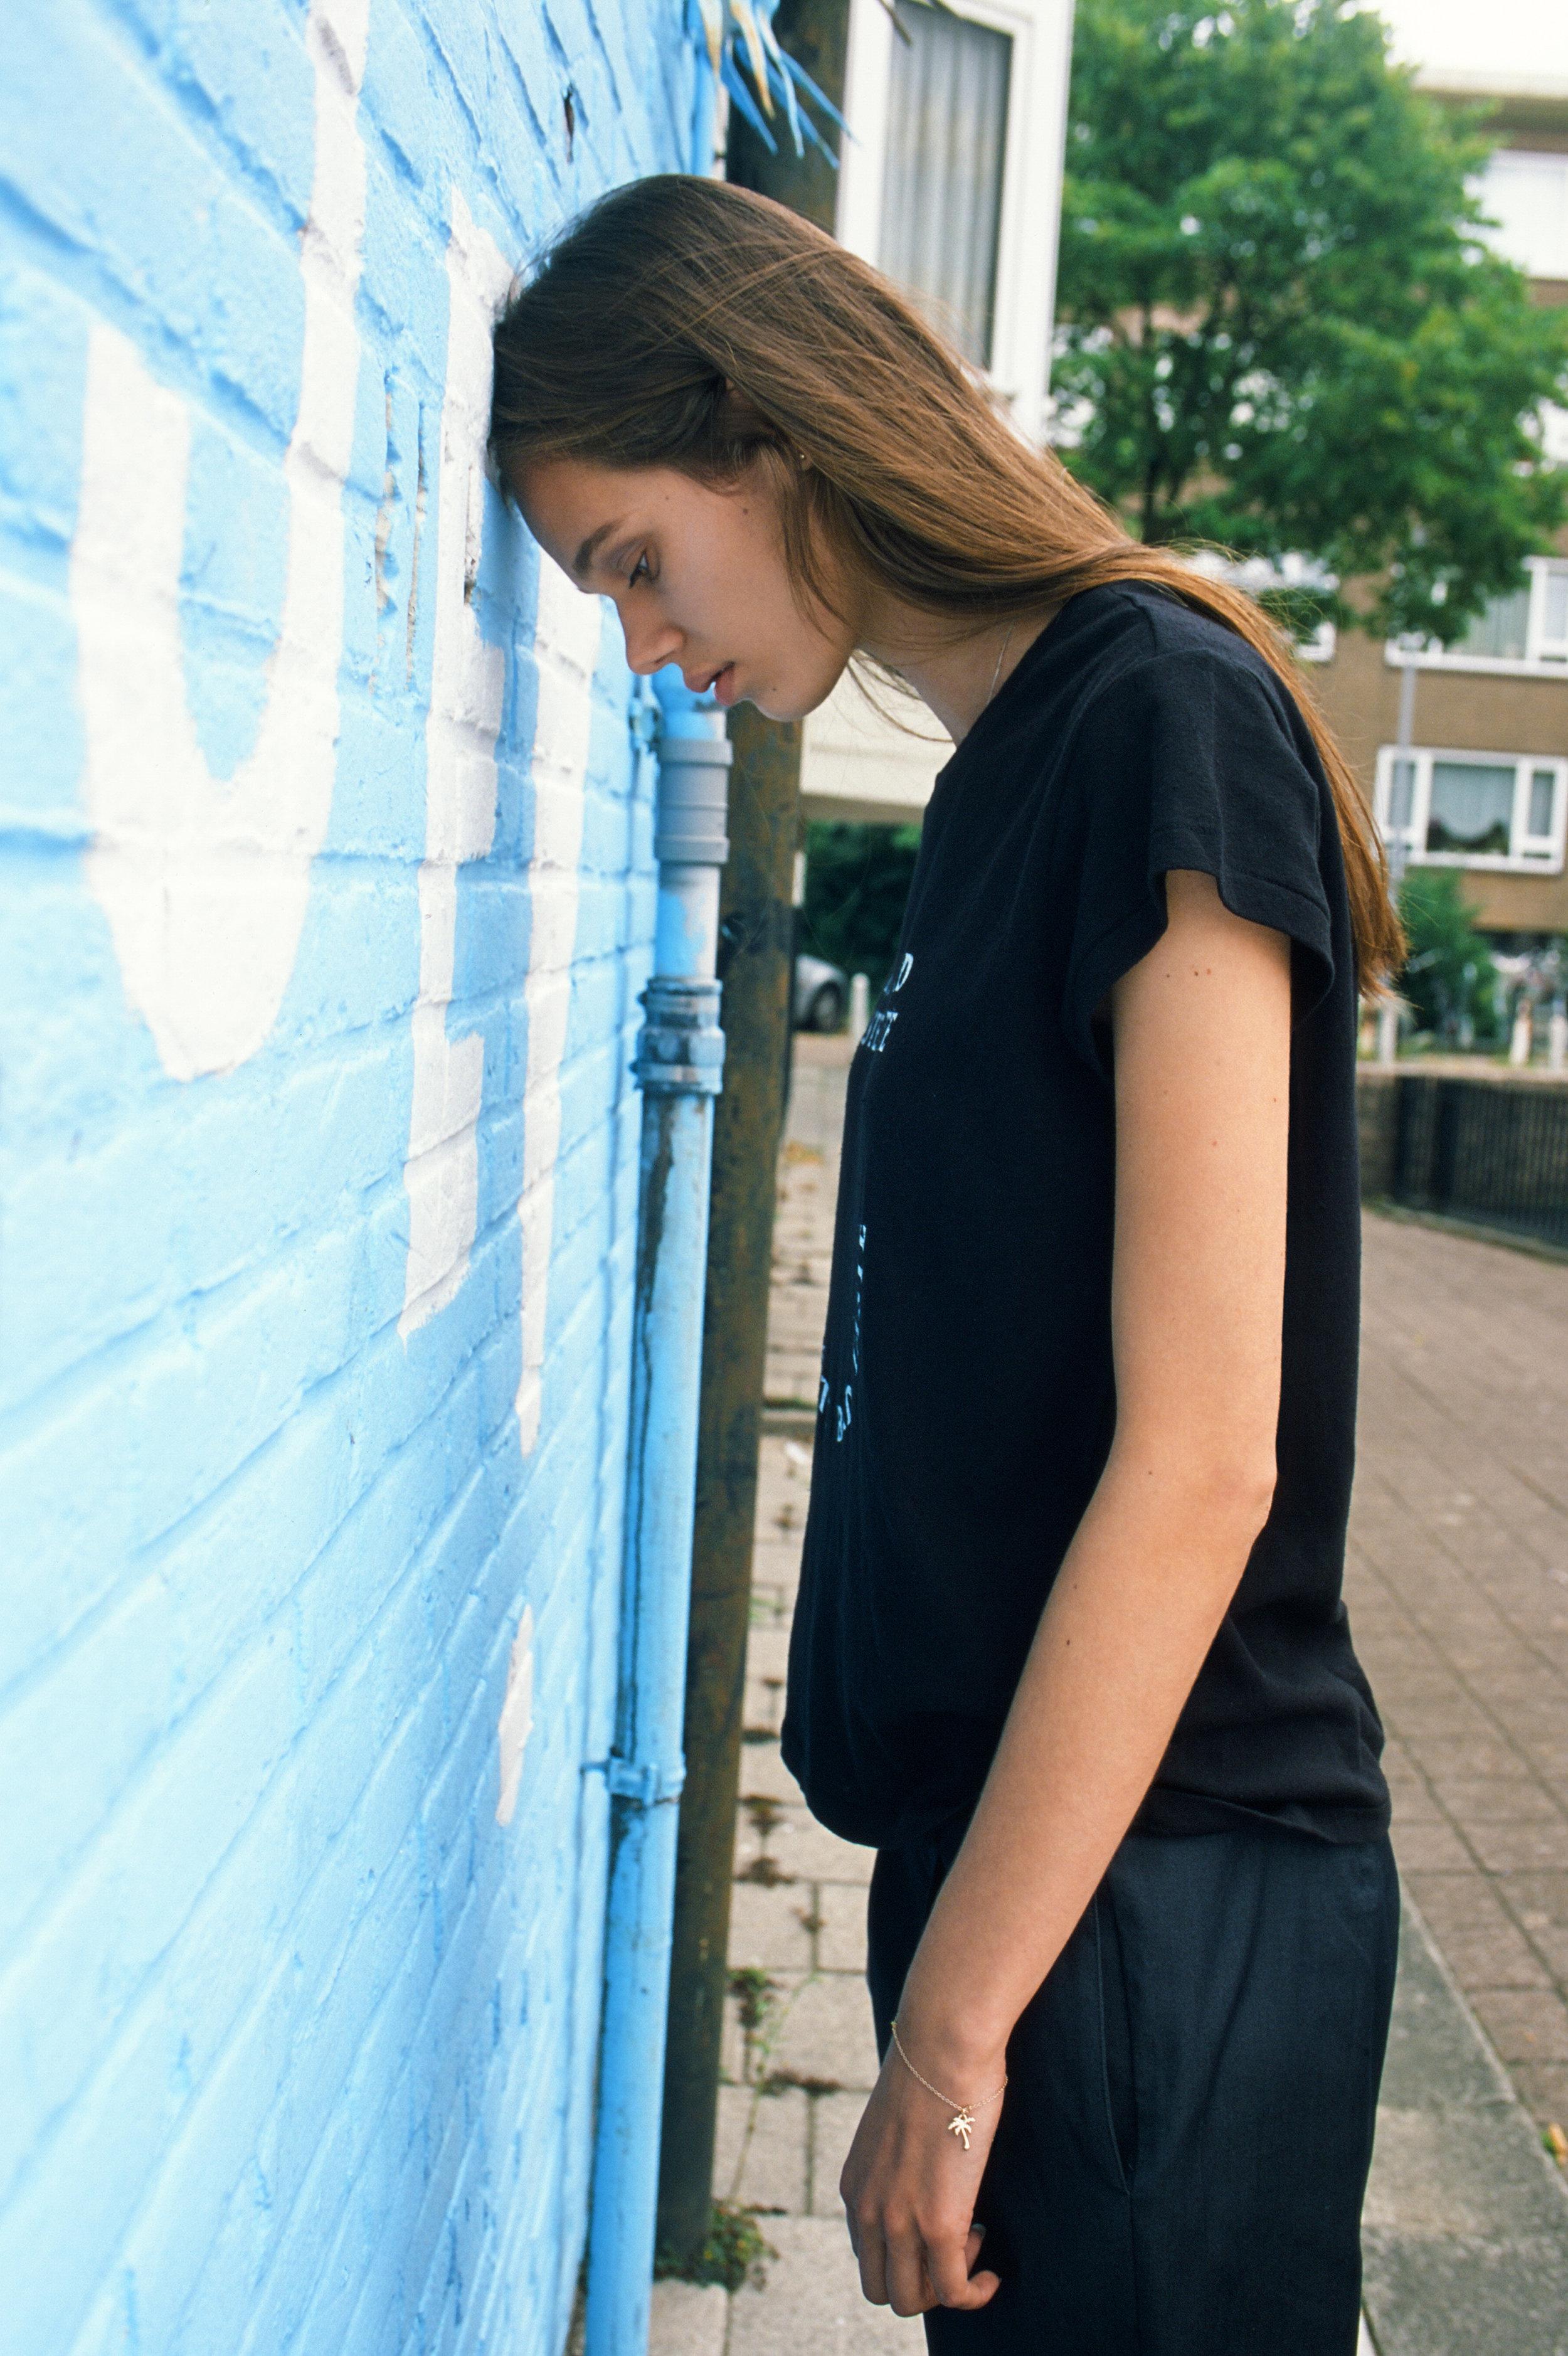 Roll 03-0022-Amsterdam-Ilse Tuit-FujiProvia-Edit.jpg